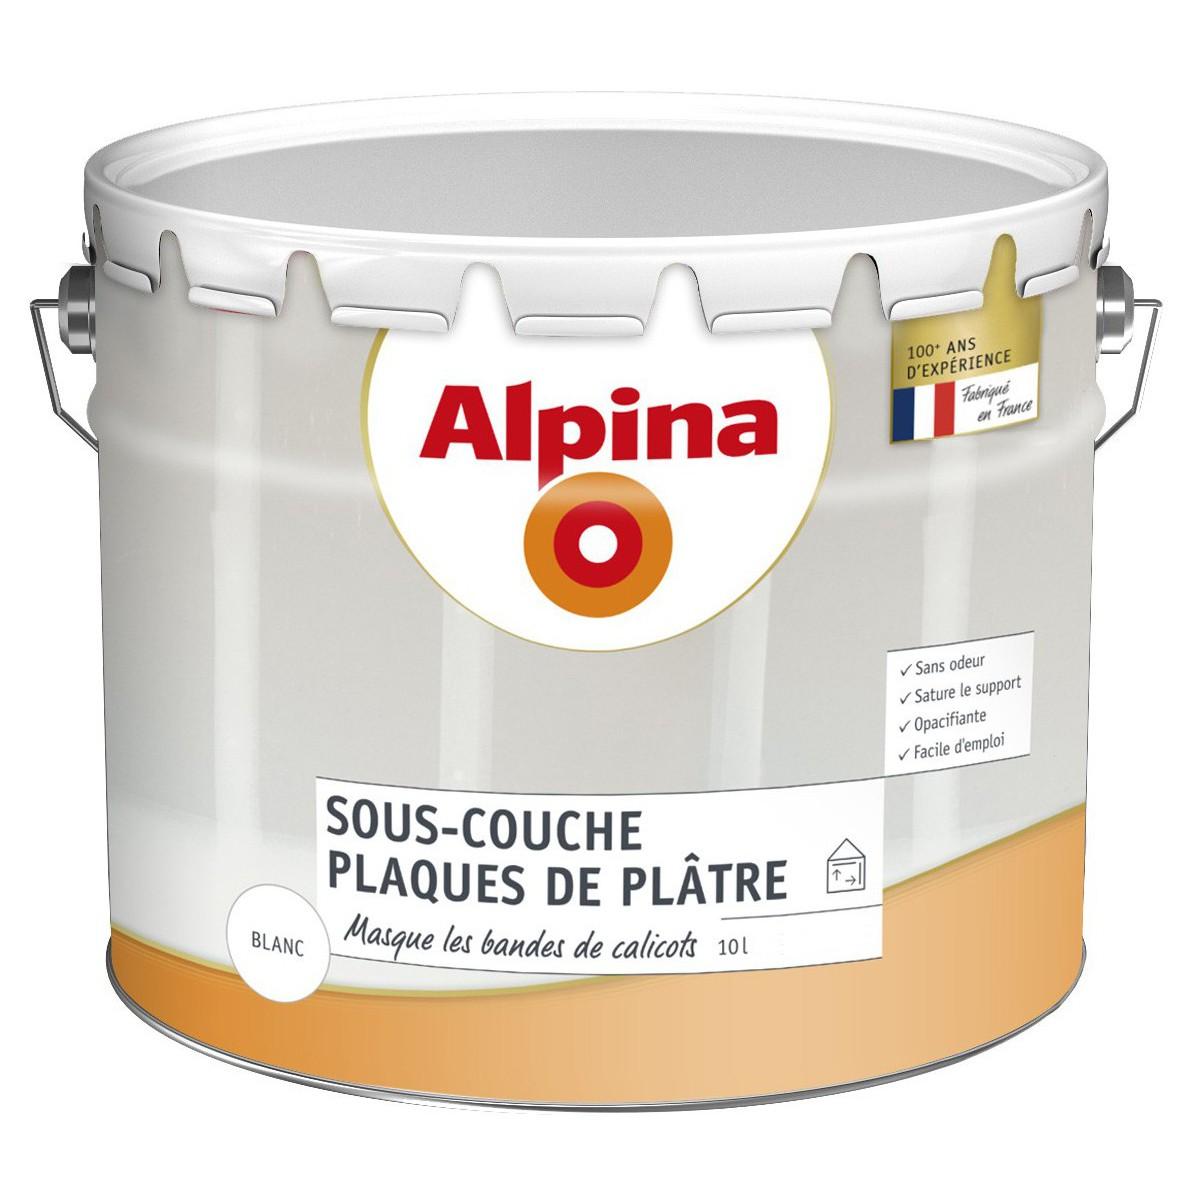 ALPINA - Sous-couche Alpina Plaques de plâtre 10L à 21,76 € chez BricolageDuDimanche